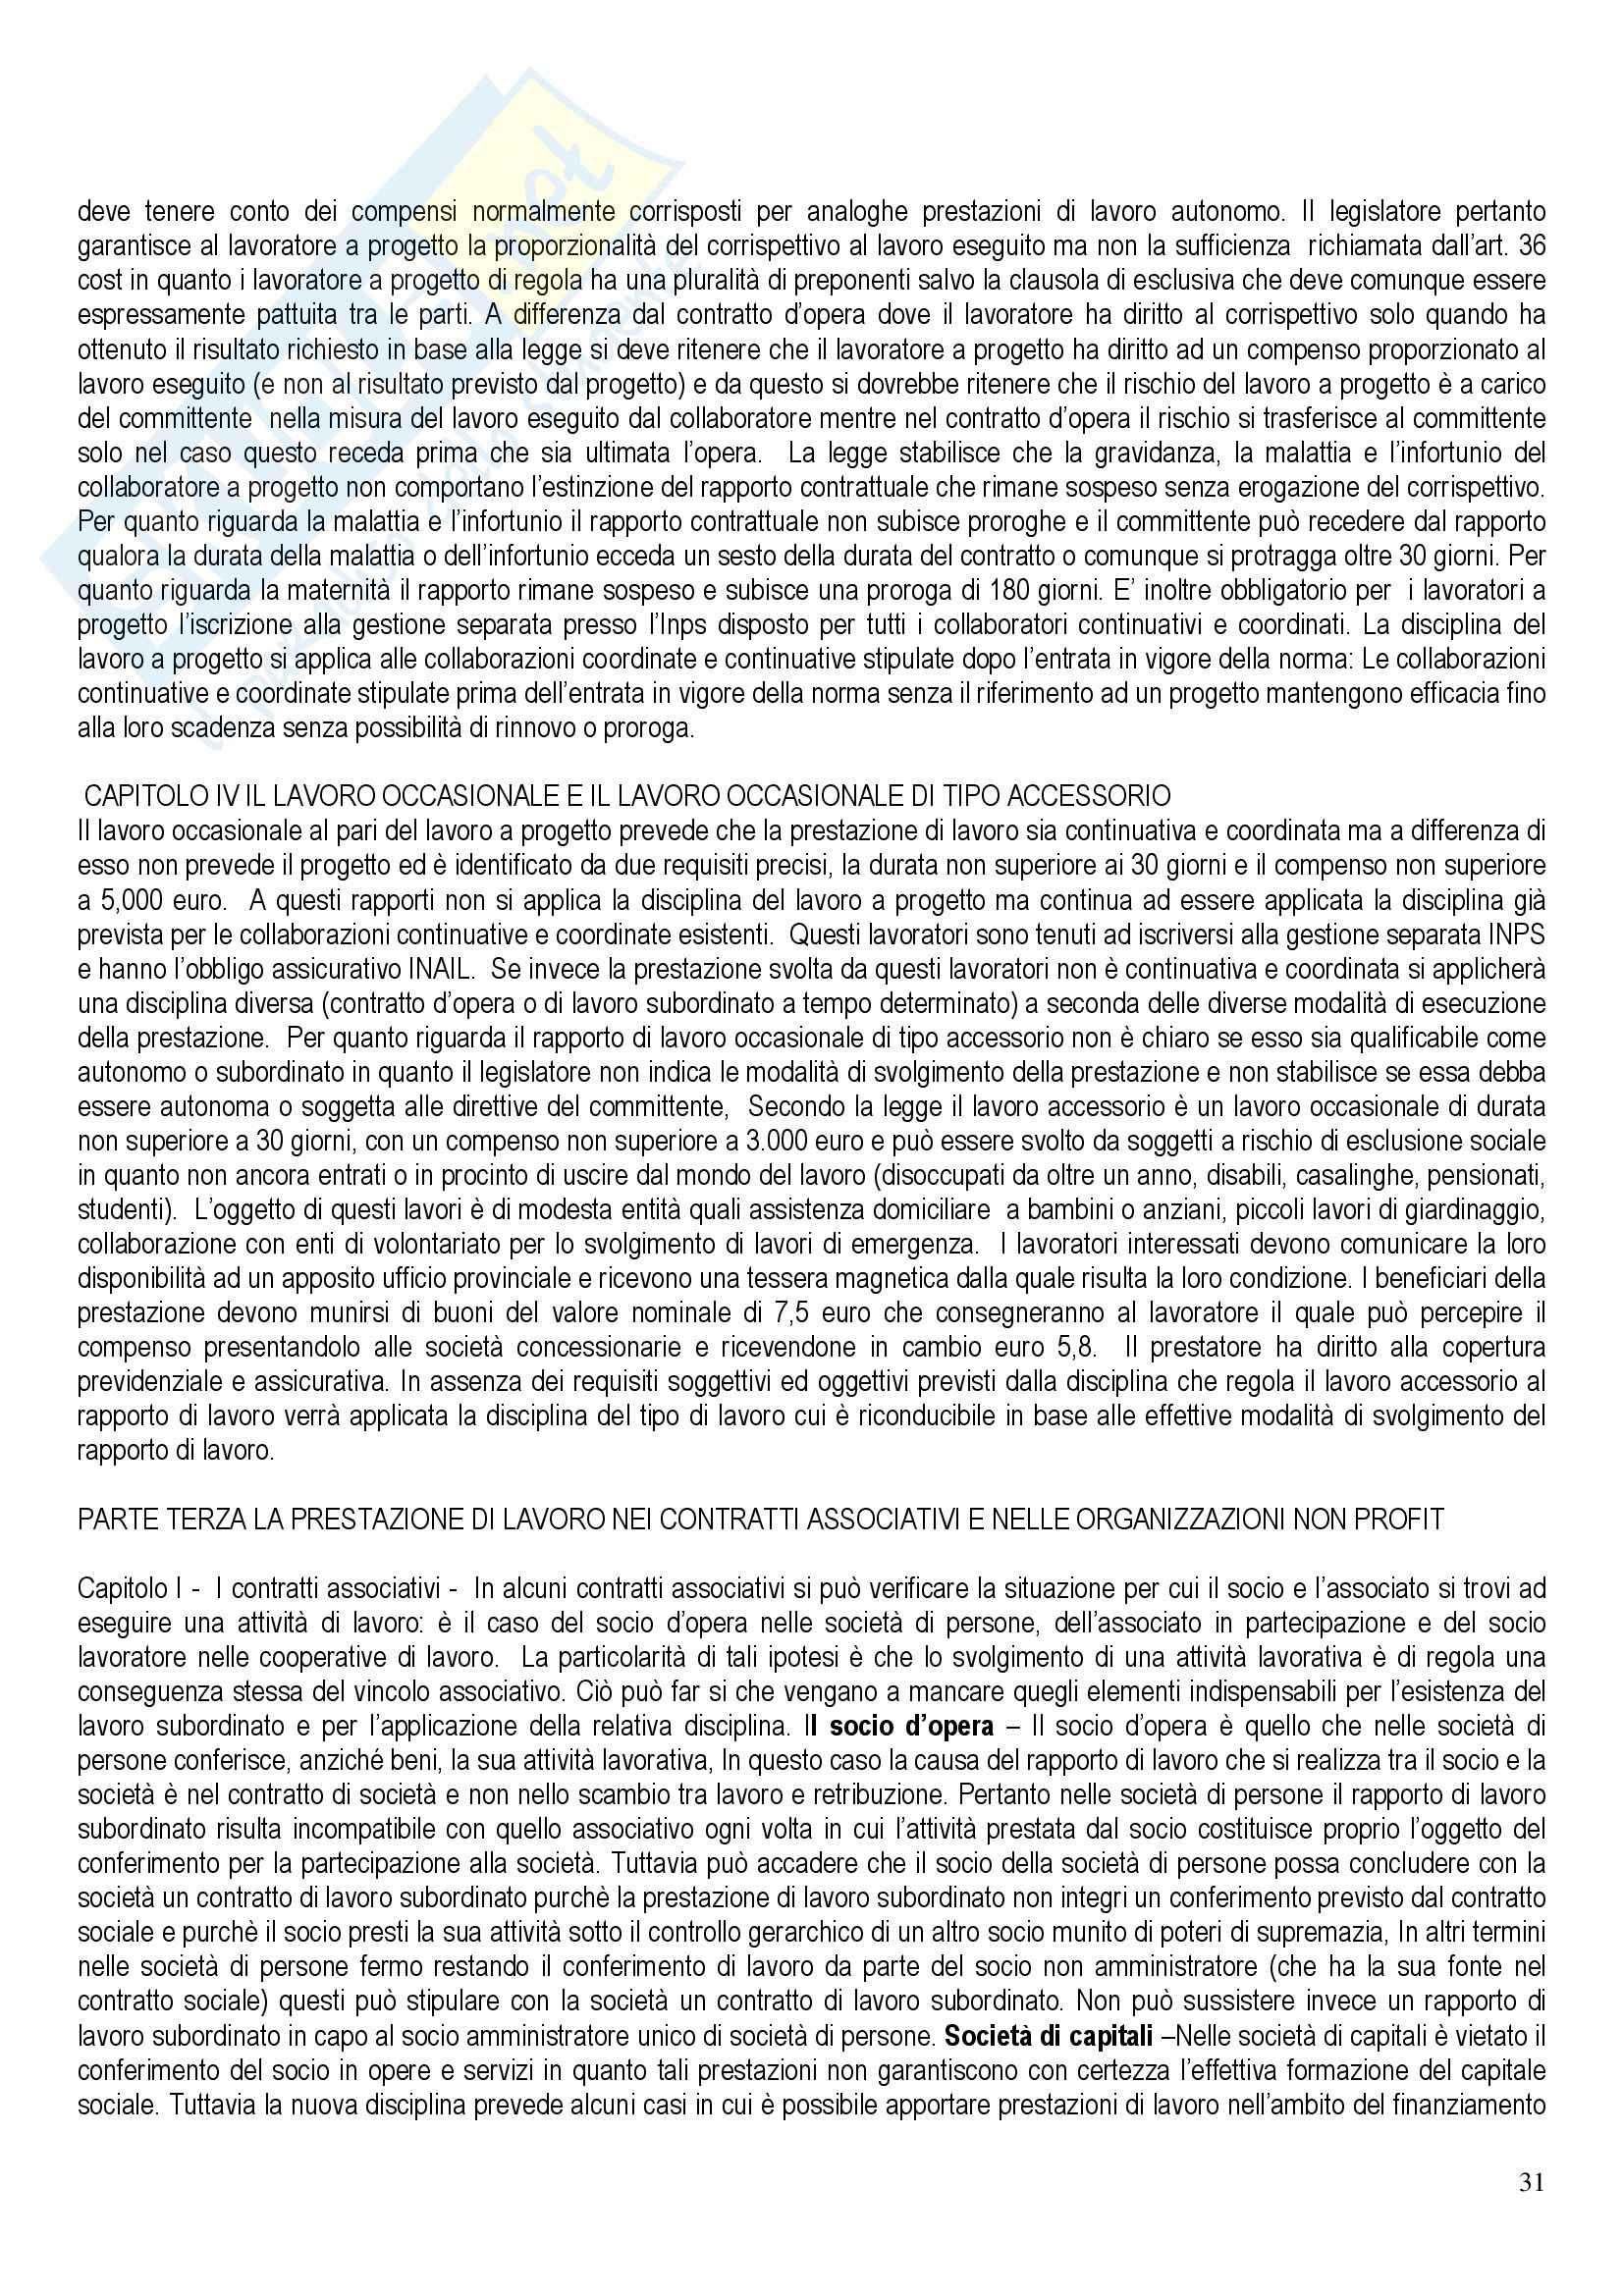 Riassunto esame Diritto del Lavoro, prof. Santoro-Passarelli, libro consigliato Diritto dei Lavori, Santoro Passarelli Pag. 31